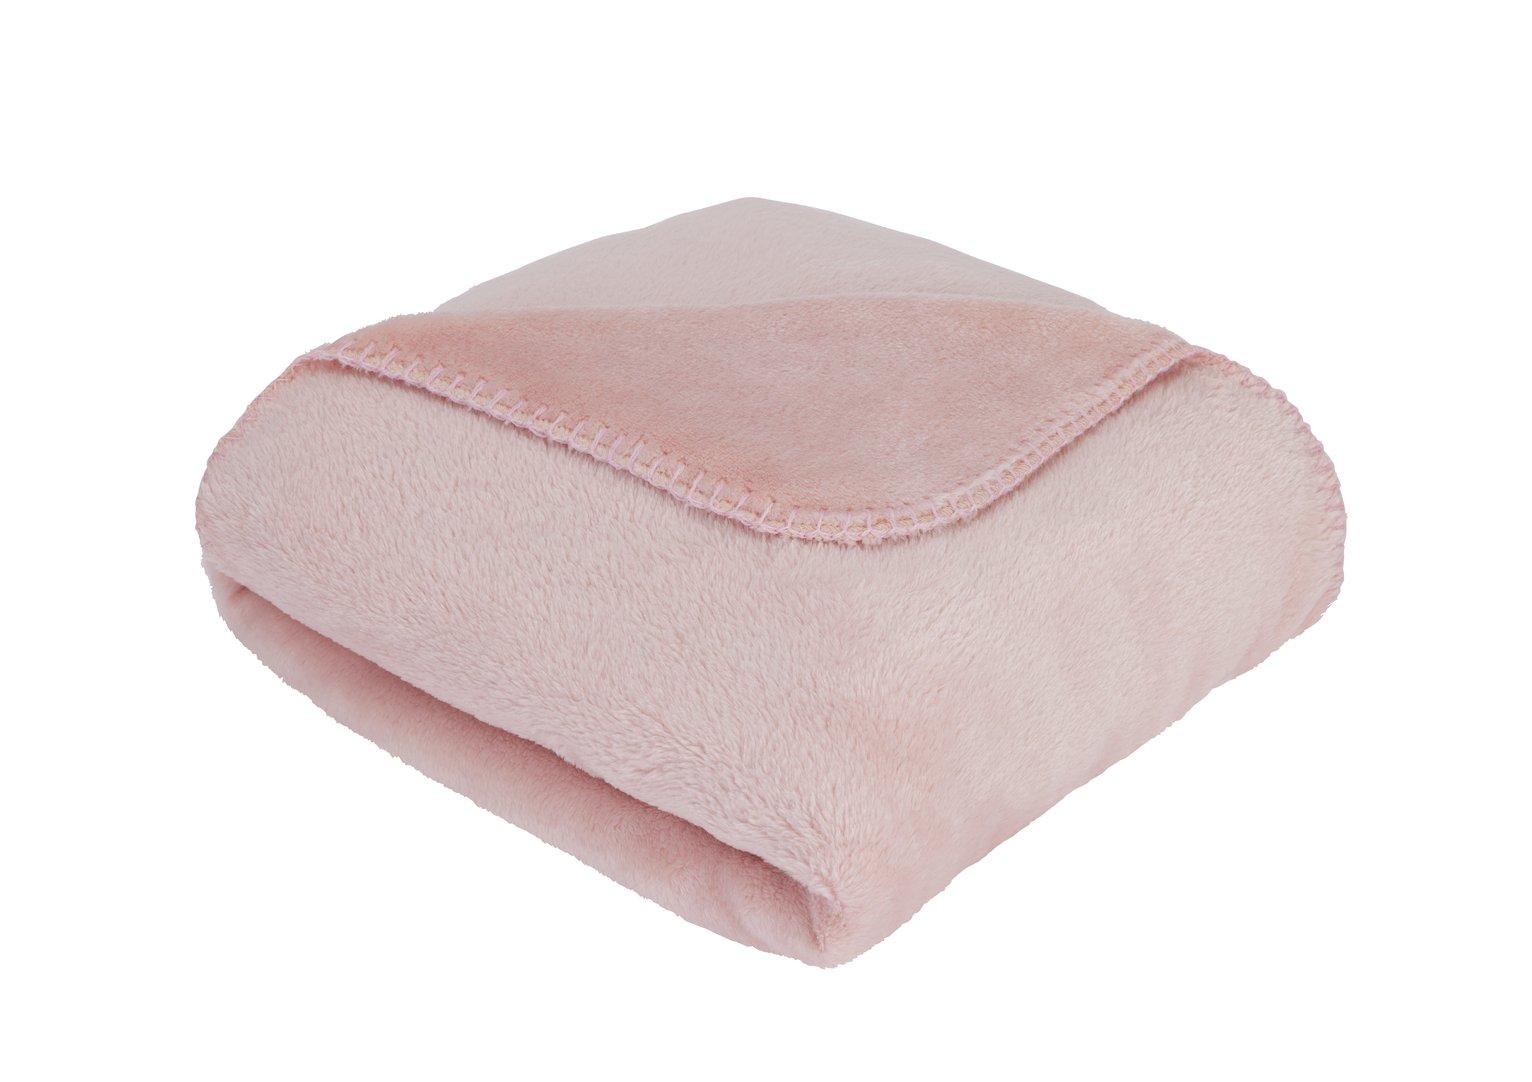 Argos Home Supersoft Fleece Throw - Blush Pink